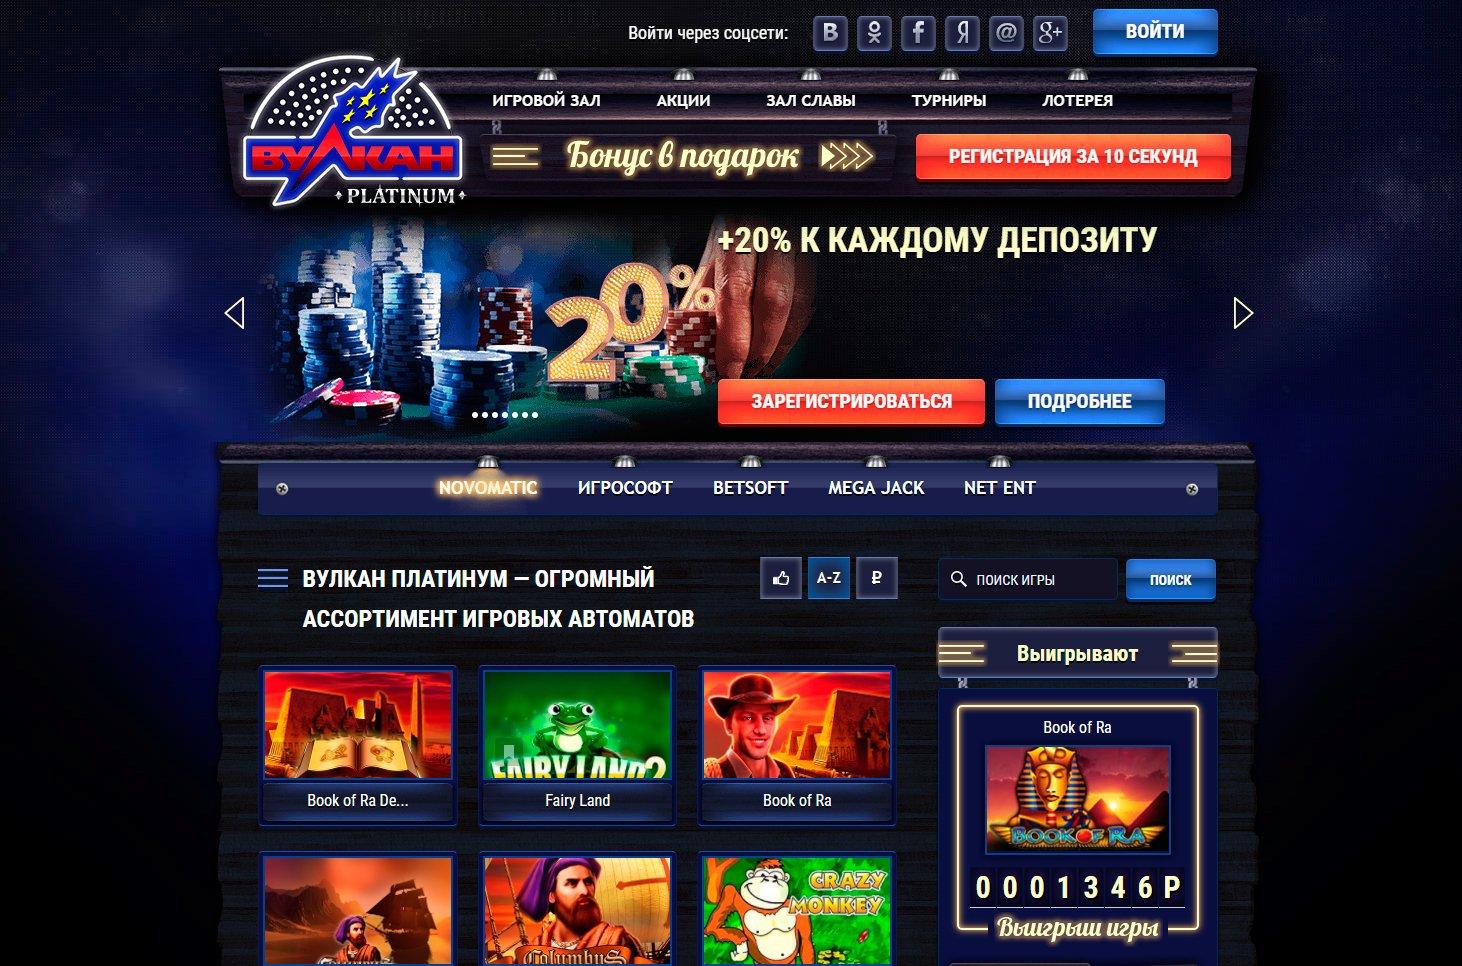 вулкан платинум игровые автоматы официальный сайт platinums